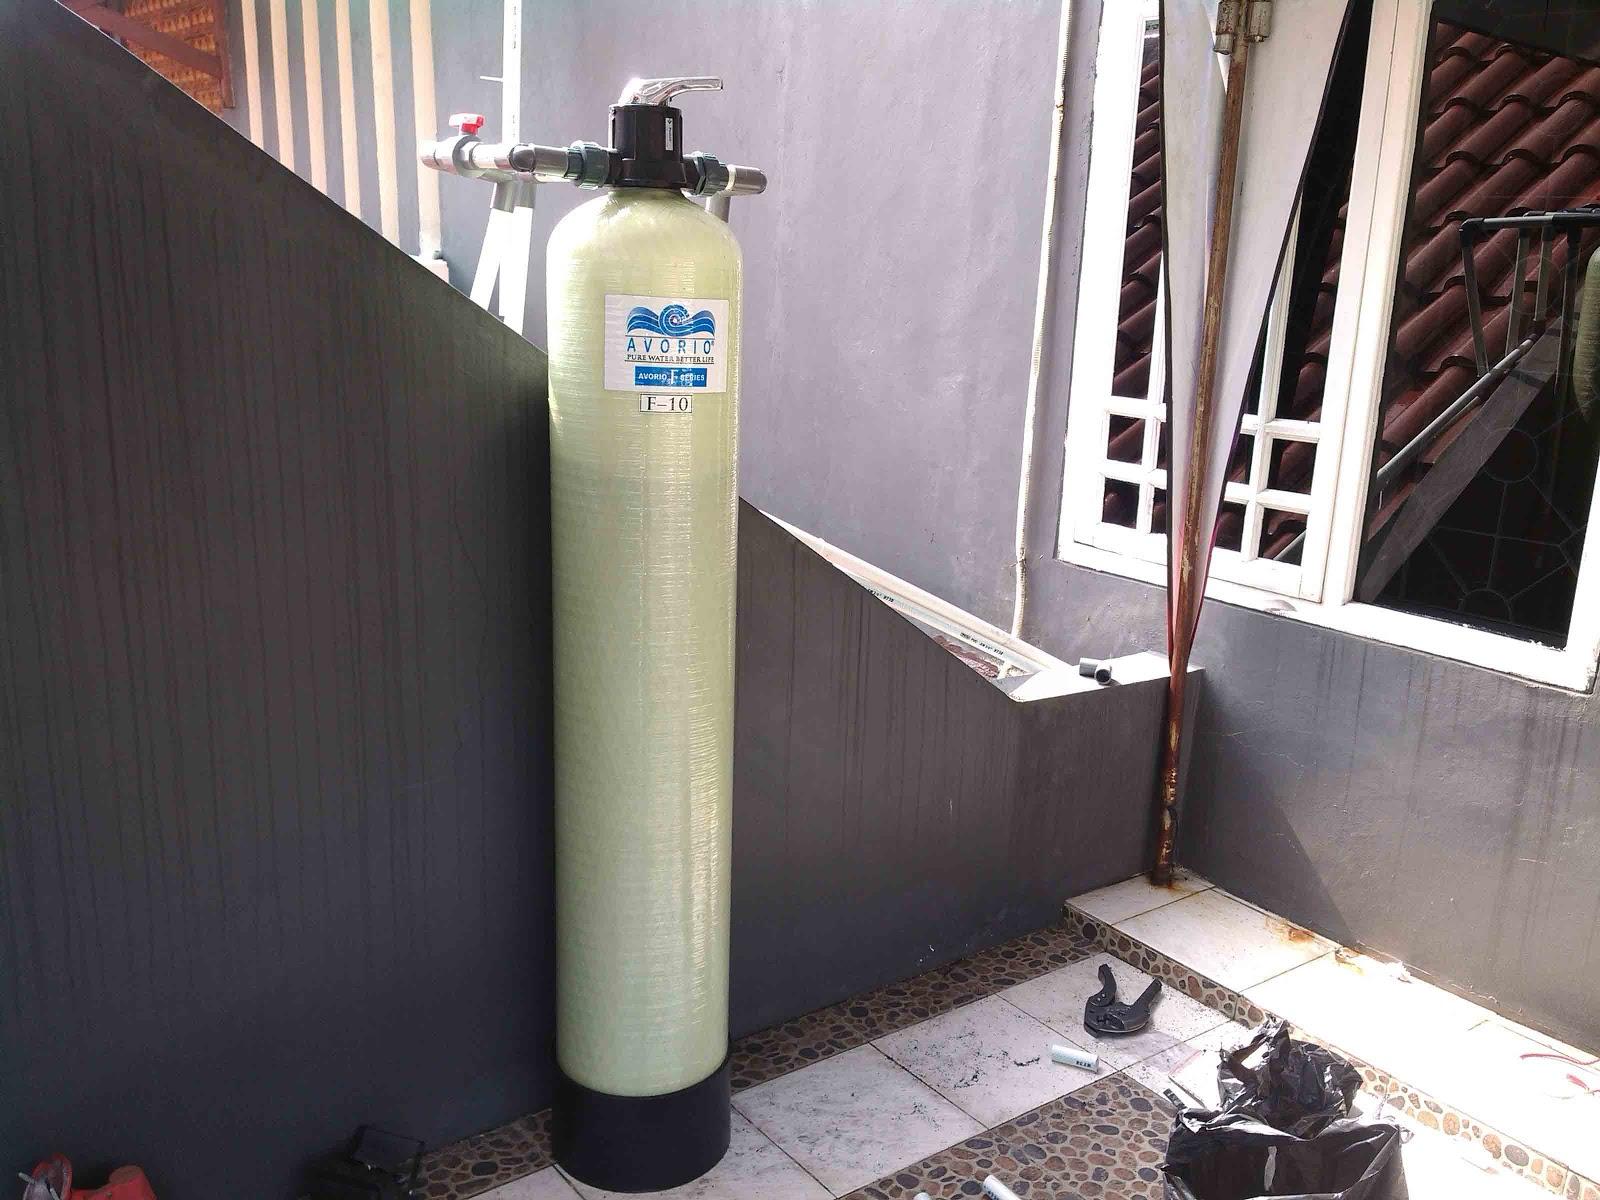 jual filter air fiber murah, garansi, halal, dan berkualitas. harga ekonomis, kualitas ok